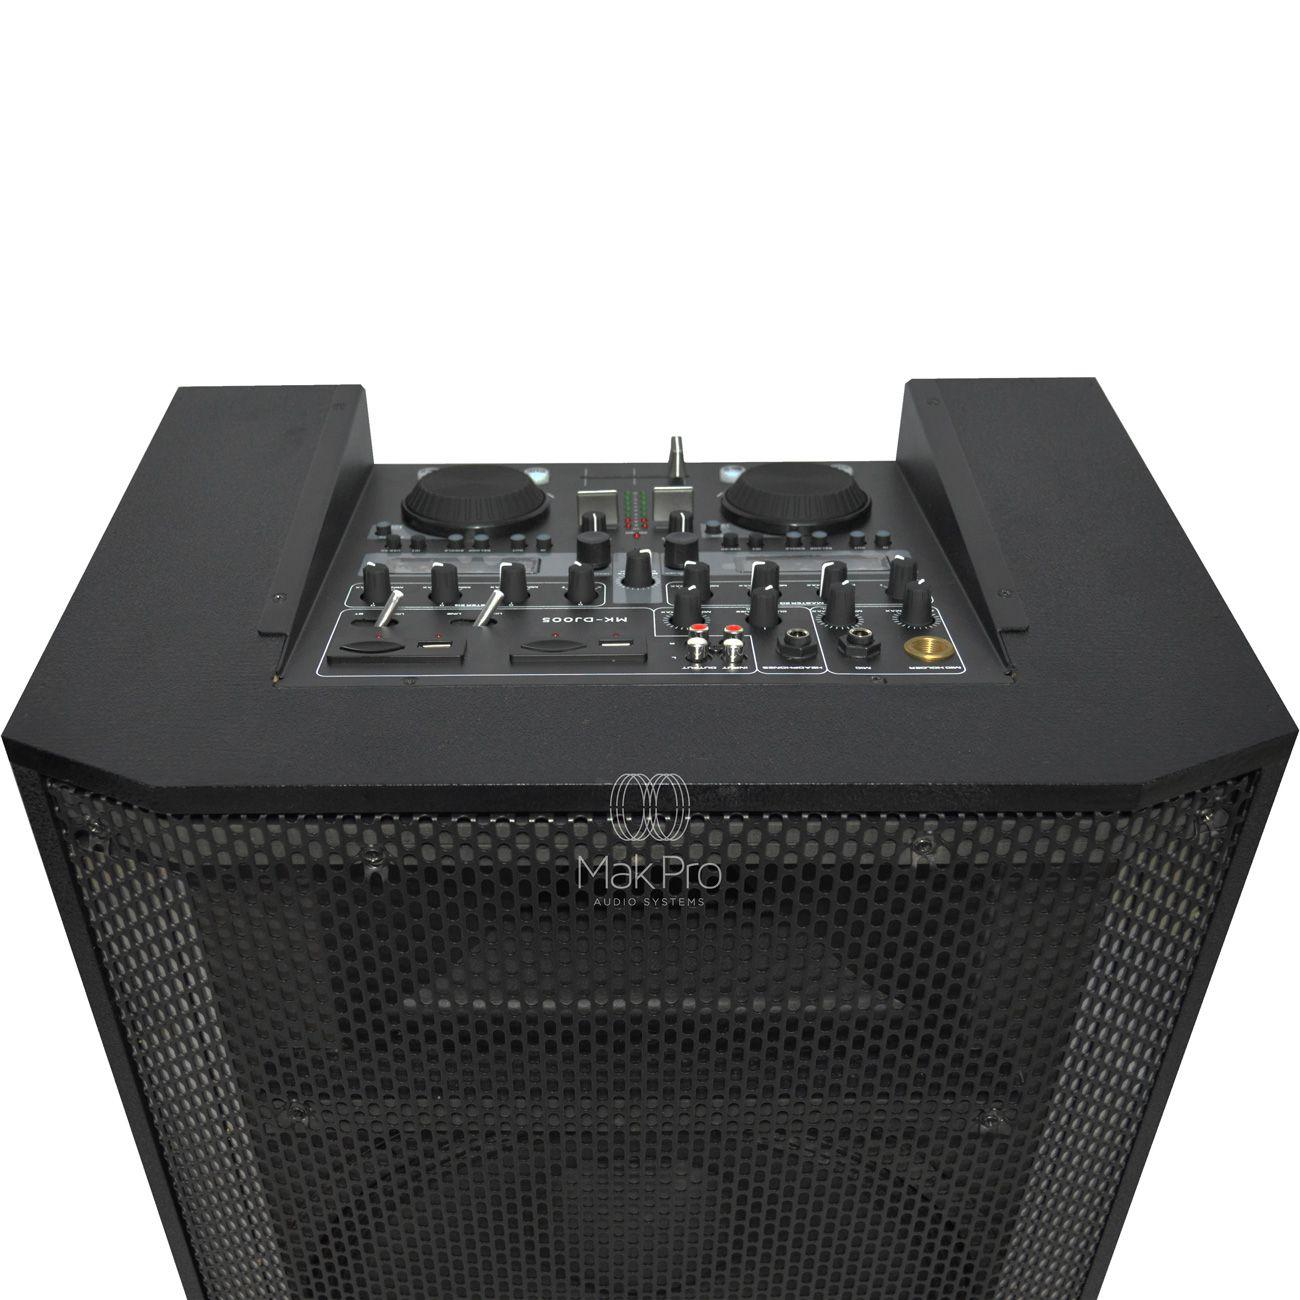 Caixa De Som Para Área De Festa Makpro 120w Rms - Seja Você o DJ